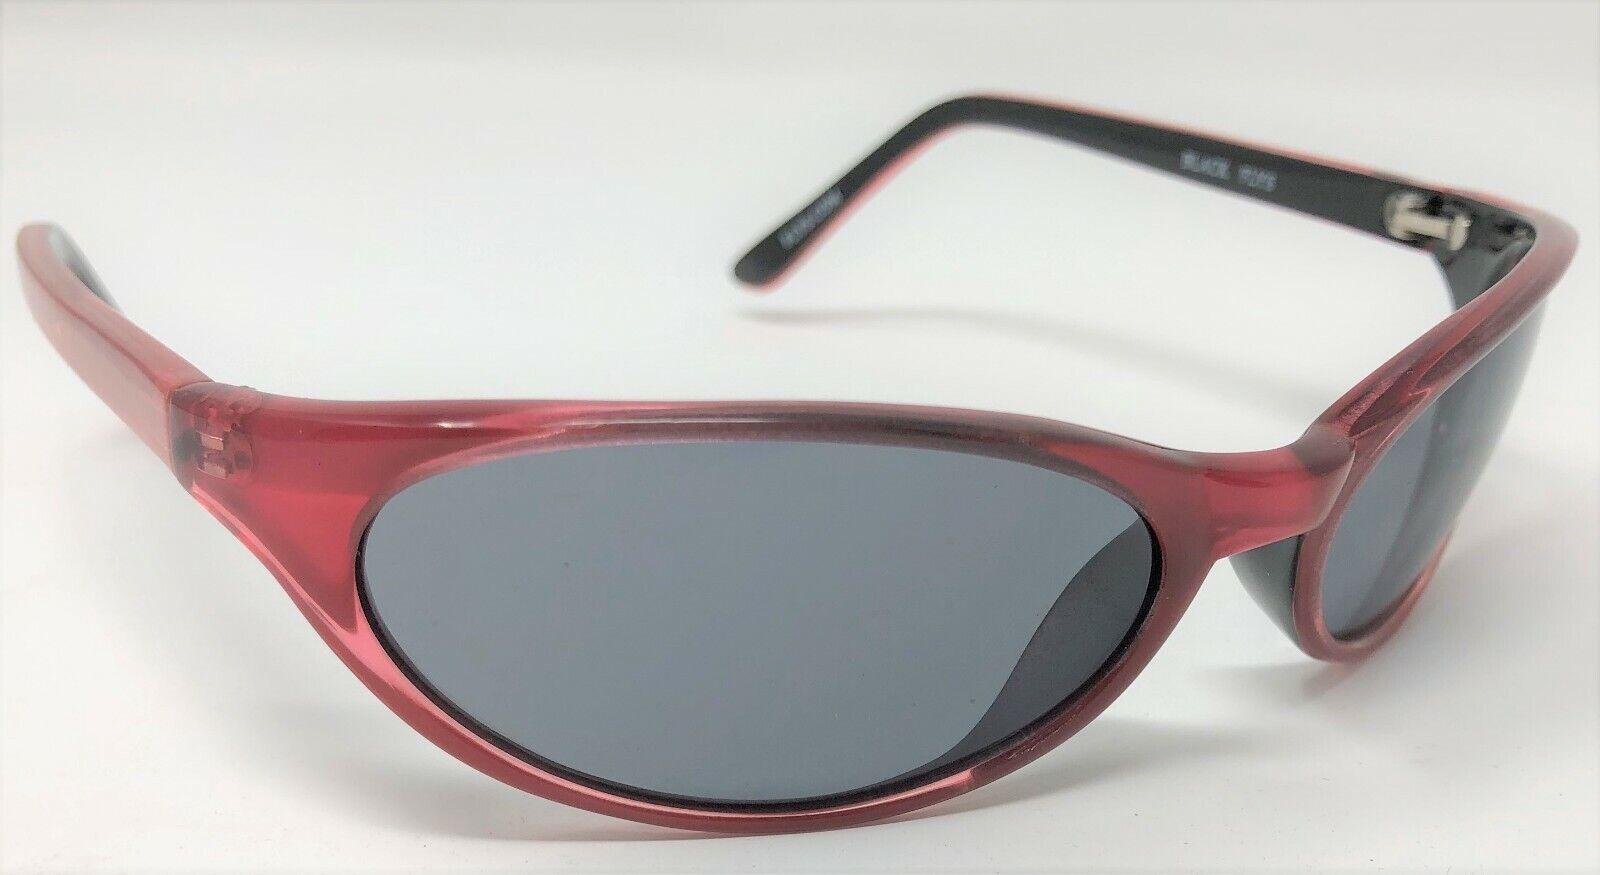 NEW Women's Pink Black Flys Fly Girls Fantasy Fly Sunglasses Gray Lens Female